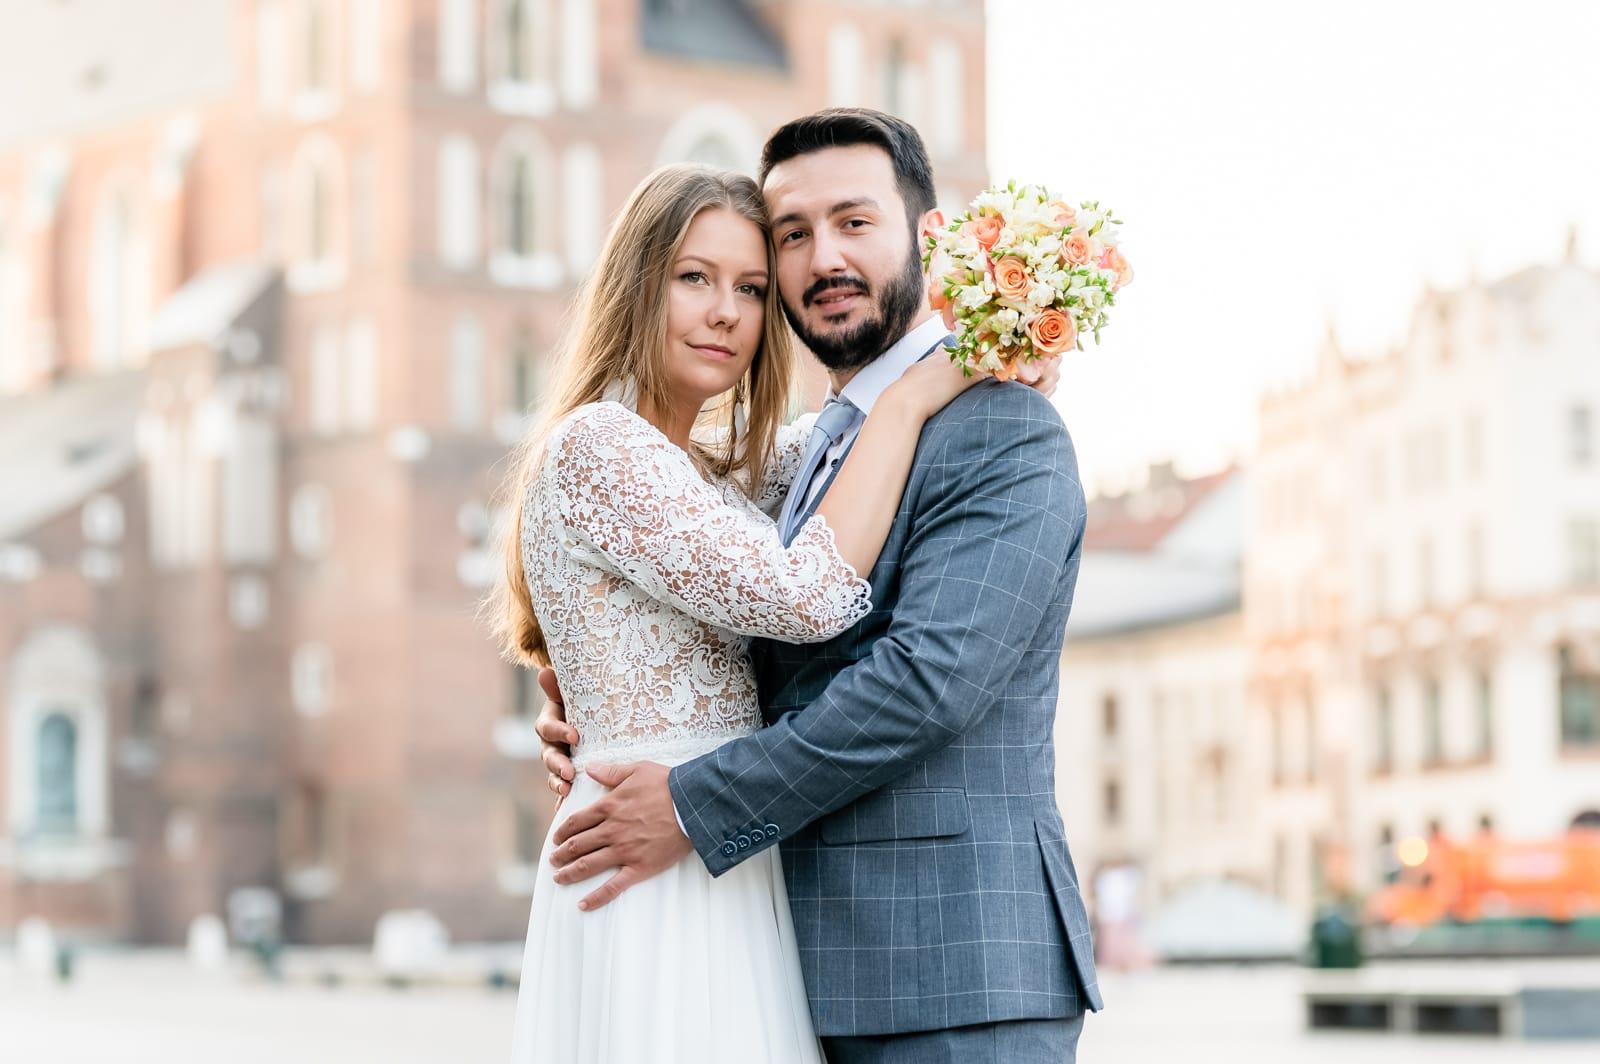 Sesja ślubna Kraków, sesja zdjęciowa w Krakowie